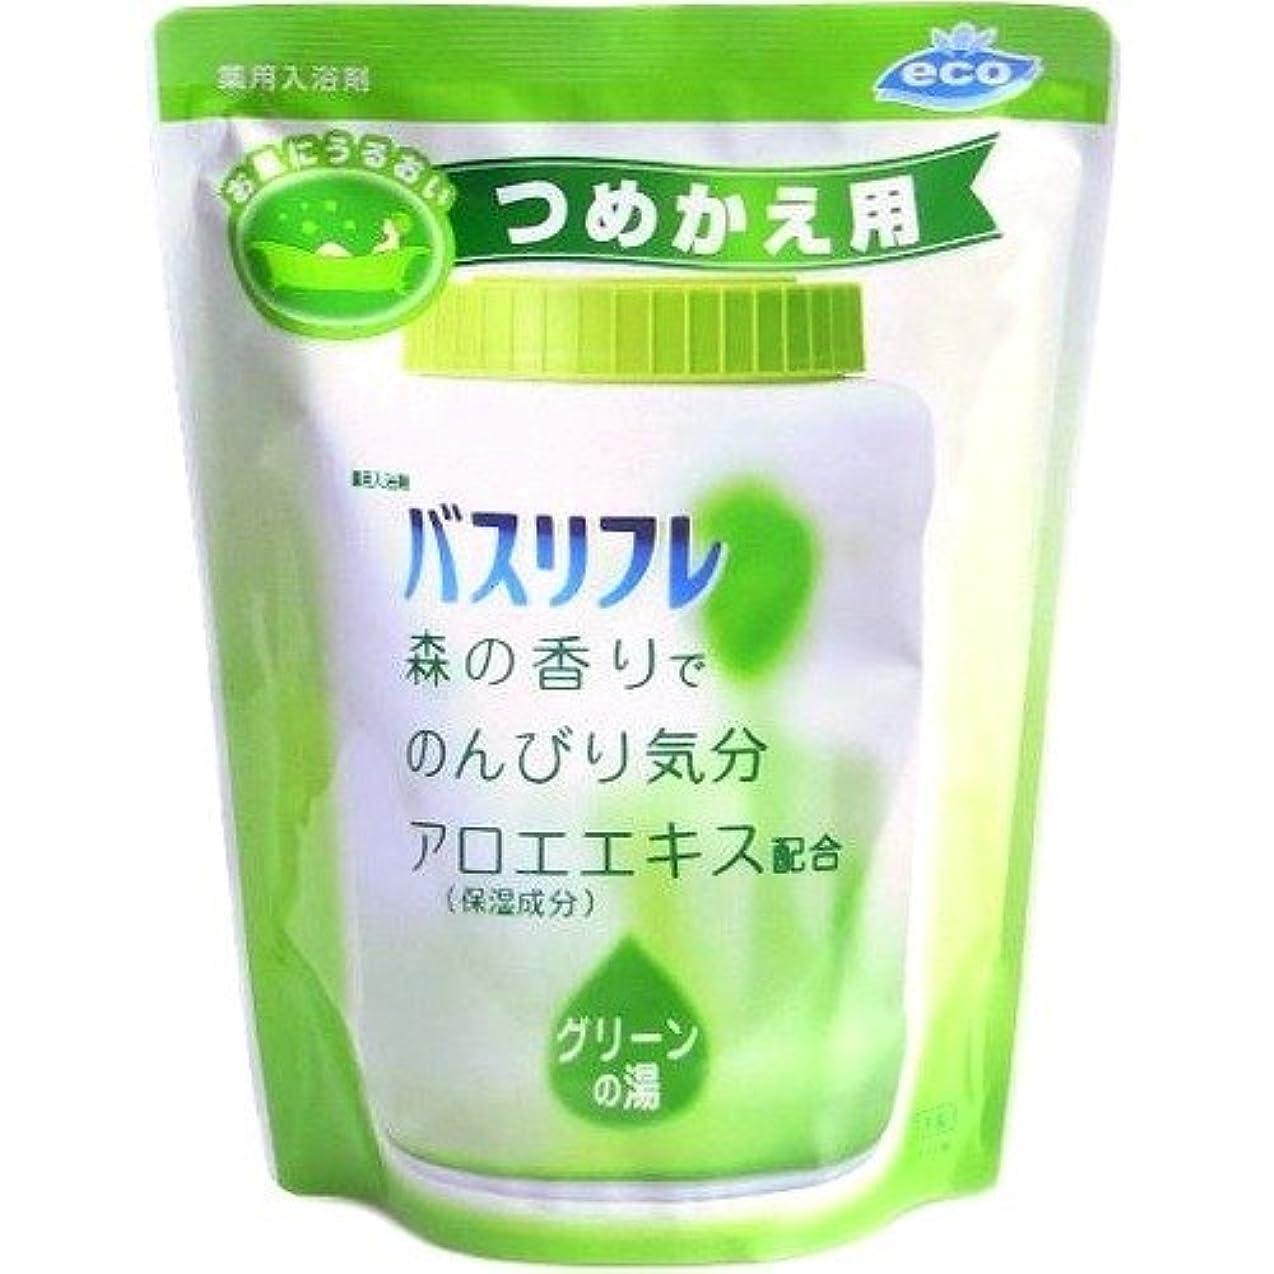 炎上ナチュラルボックス薬用入浴剤 バスリフレ グリーンの湯 つめかえ用 540g 森の香り (ライオンケミカル)